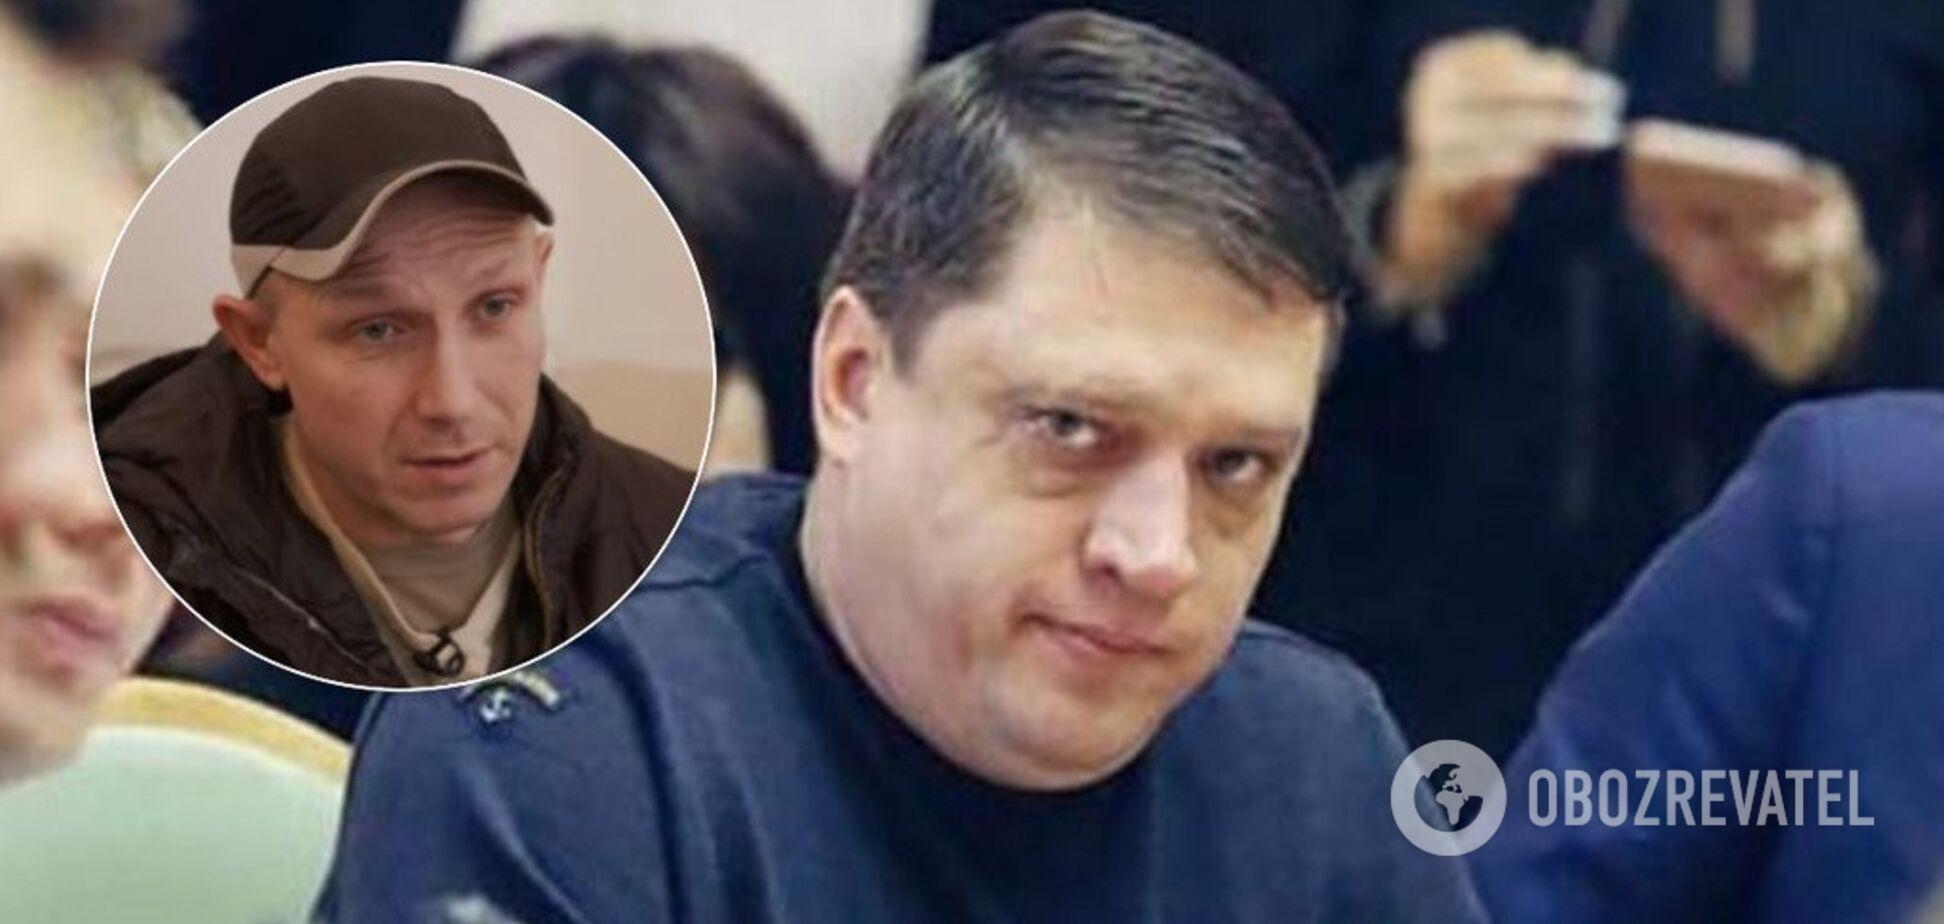 'Закрывали за наркотики': насильник Иванисов засветился еще в одном преступлении